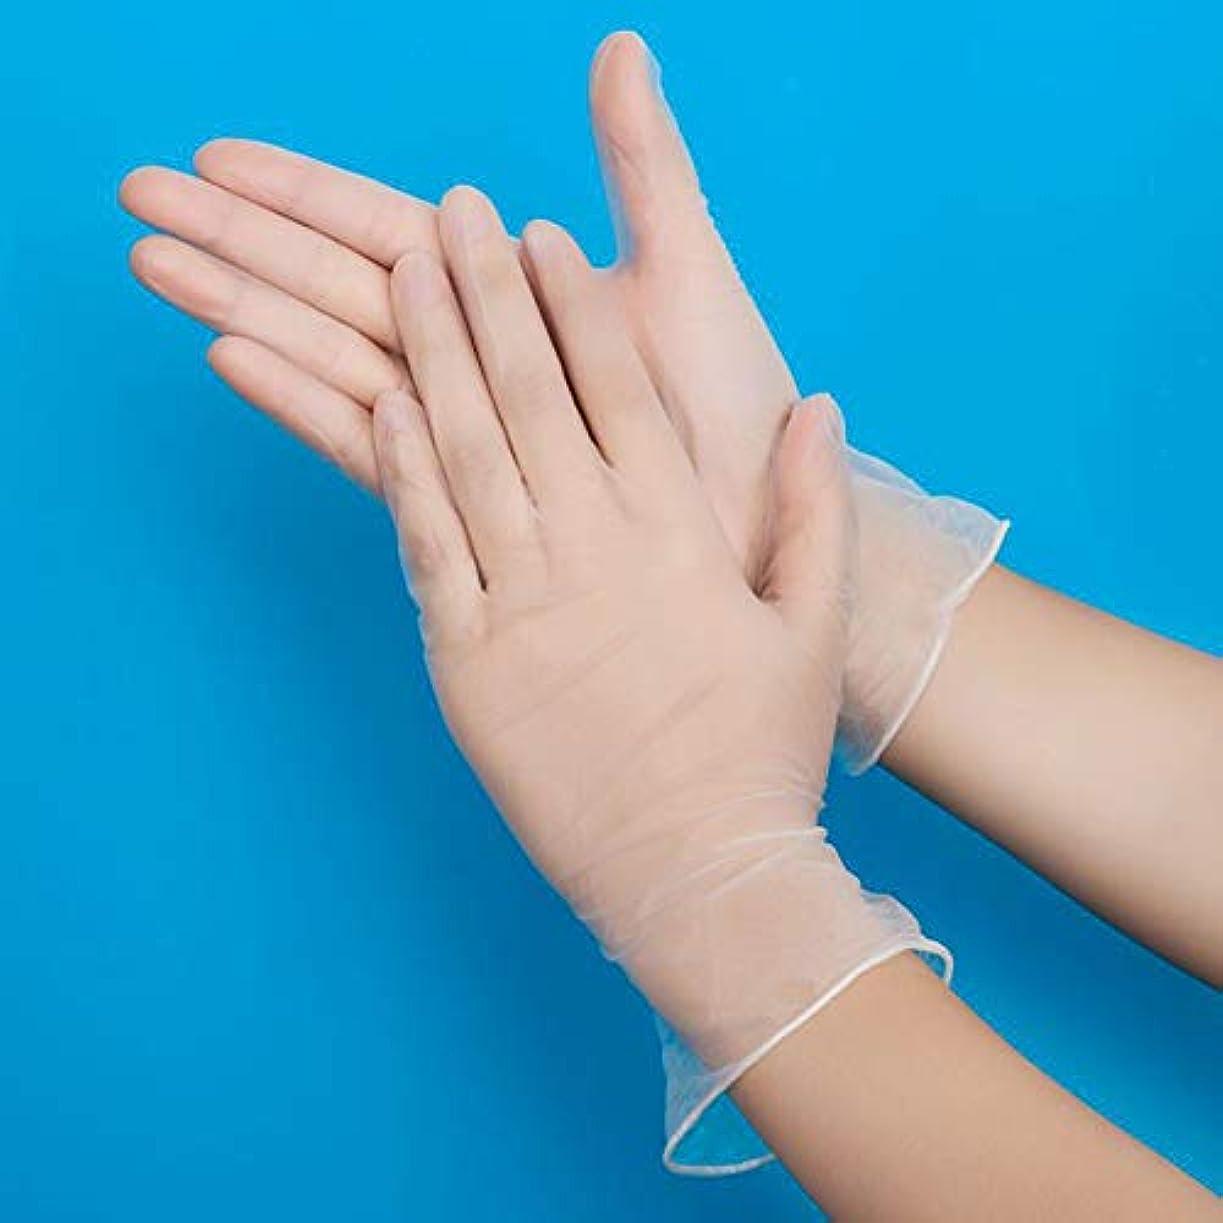 老朽化した百損失Rrapo MaiTak 使い捨て手袋 ラテックス手袋 使い捨て手袋 100枚入 ホワイト 調理用 食品 実用 セット極薄手袋 調理に お掃除に 毛染めに 食品衛生法適合 透明(L)